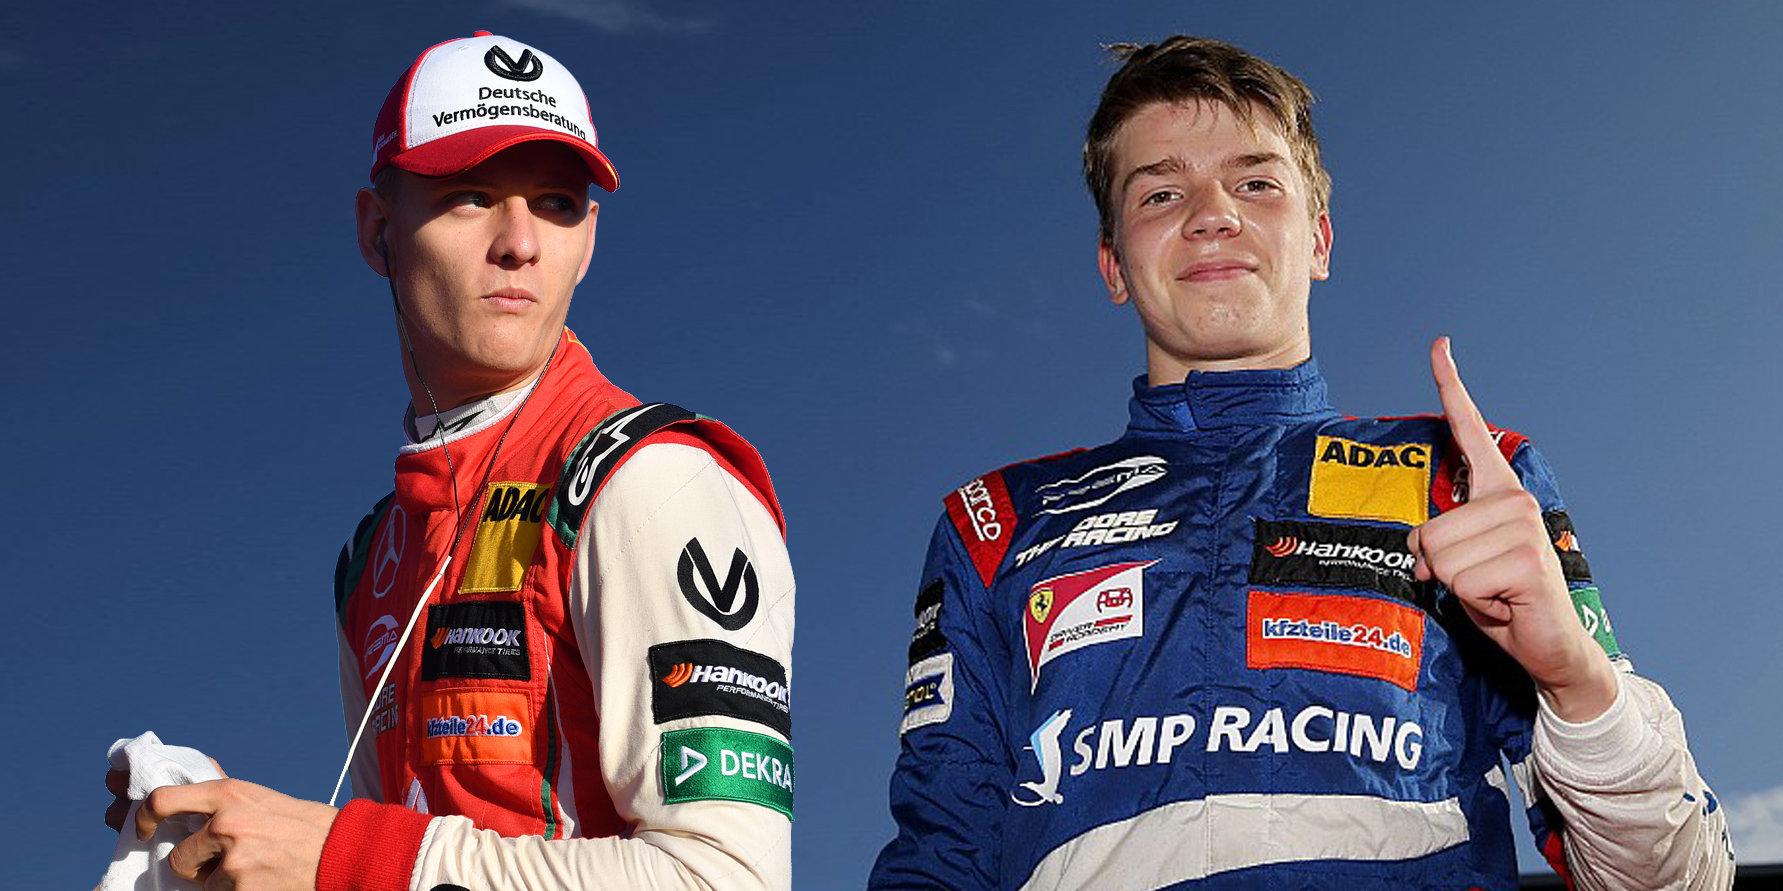 Руководитель Prema Racing: «Уверены, что Шварцман добьется отличных результатов в «Формуле-2»